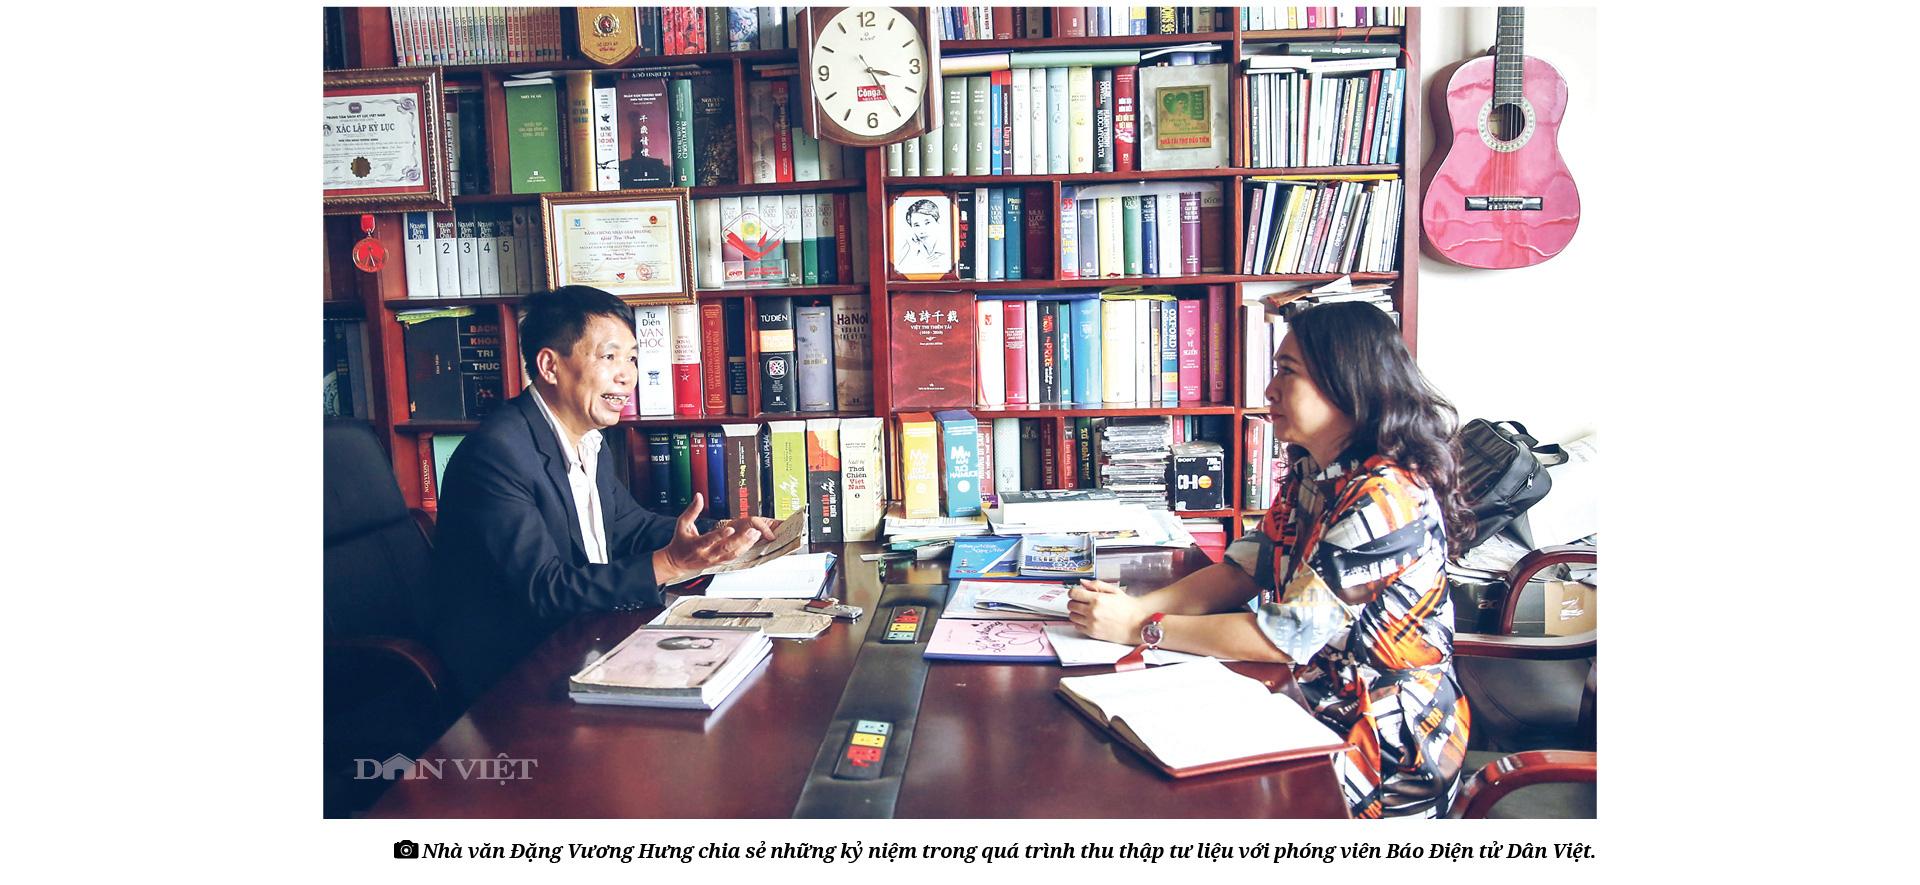 Nhà văn Đặng Vương Hưng: Hành trình ly kỳ của các cuốn nhật ký (Bài 2) - Ảnh 3.